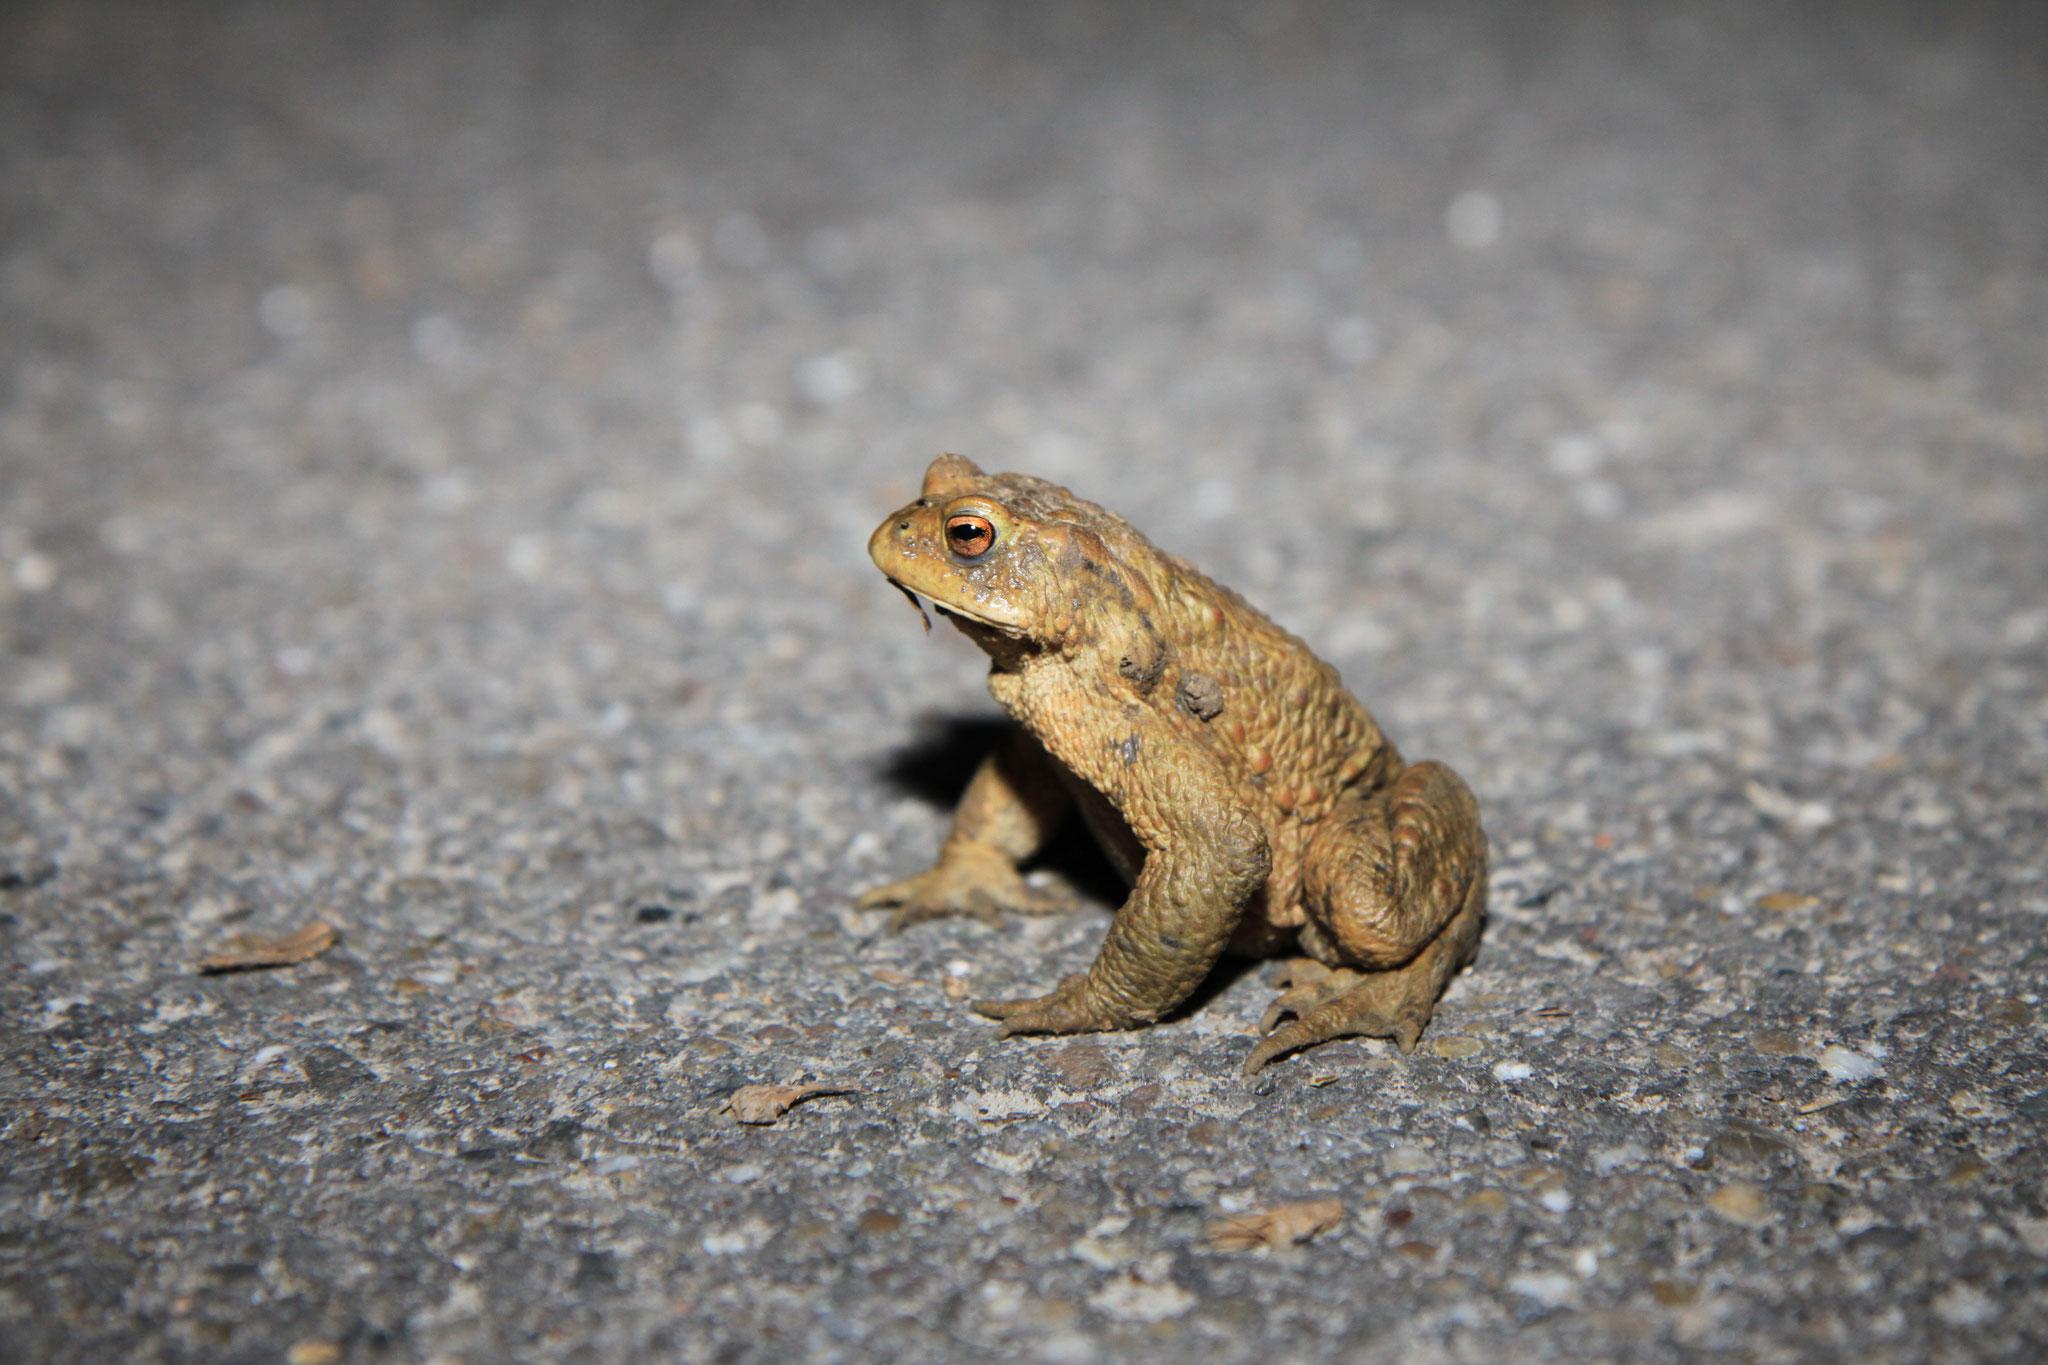 Und tatsächlich, die ersten Erdkröten sind wieder auf der Erlenstraße. (Foto: B. Budig)